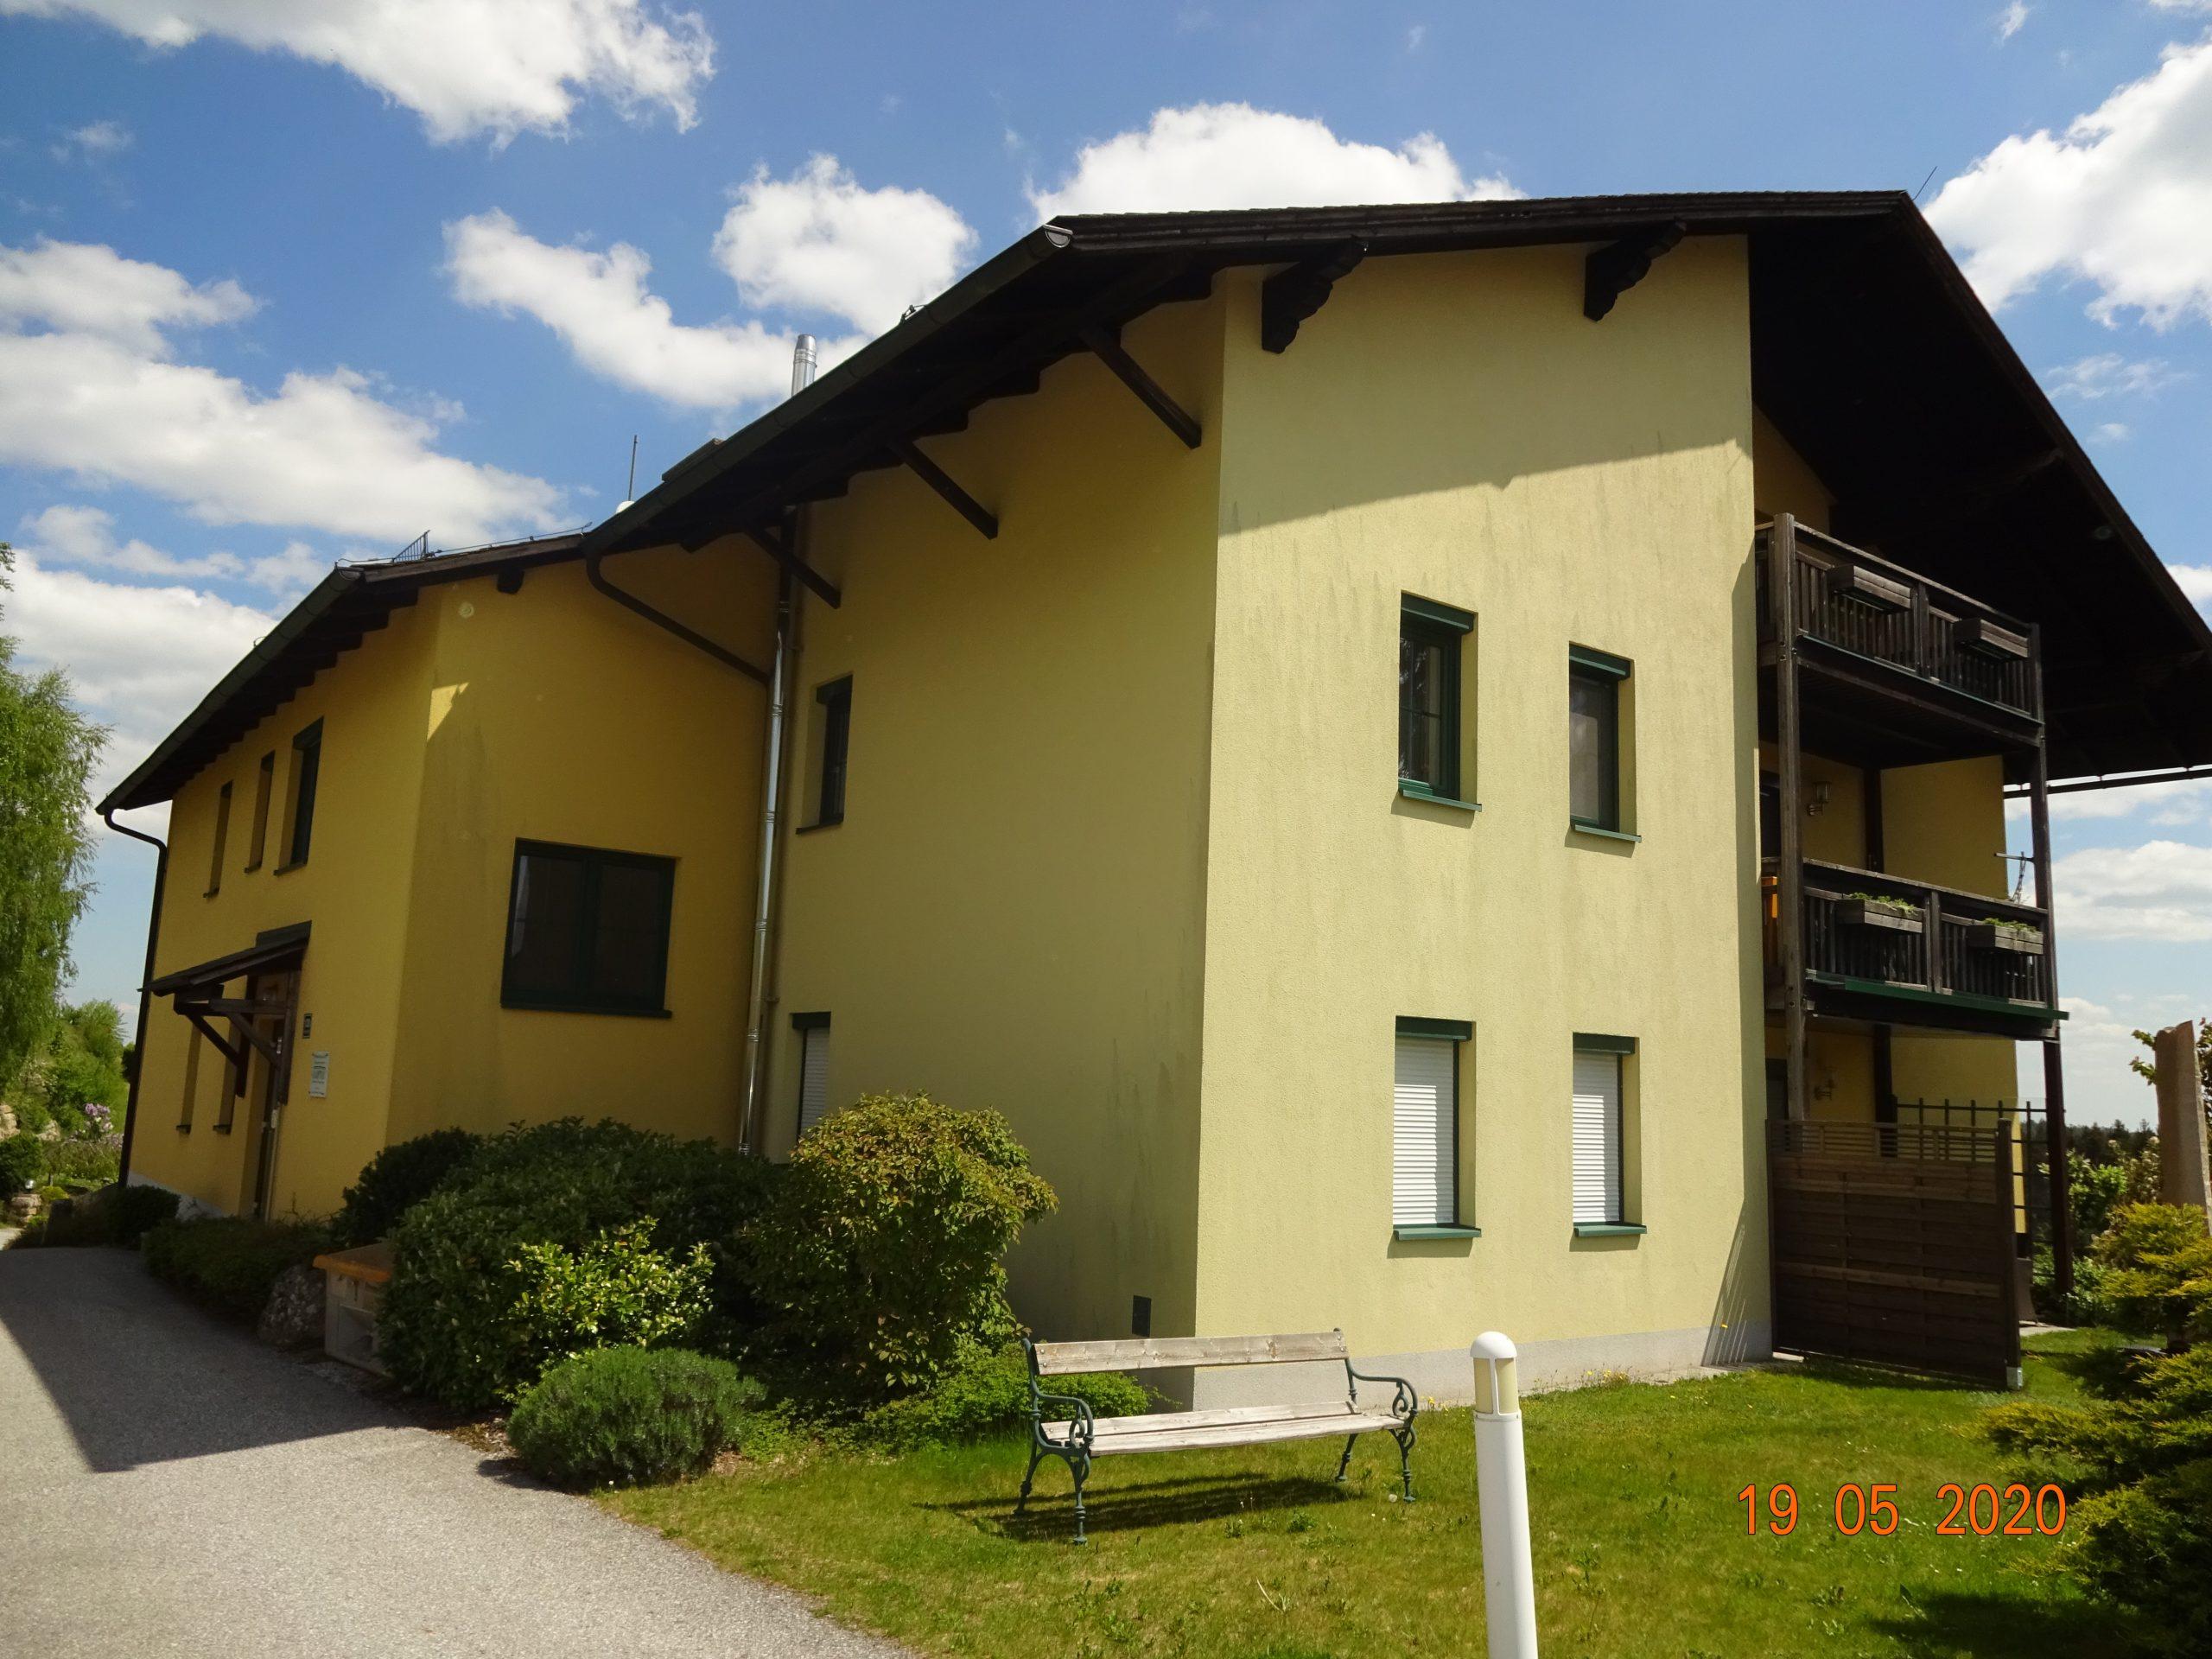 Immobilie von Kamptal in 3925 Arbesbach, Zwettl, Arbesbach I - Top 101 #3